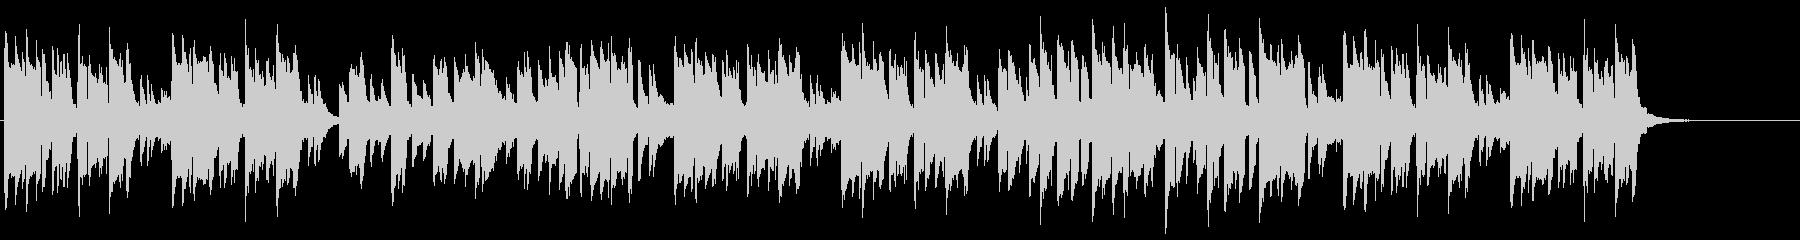 サックス、ピアノのほのぼの日常系ポップスの未再生の波形